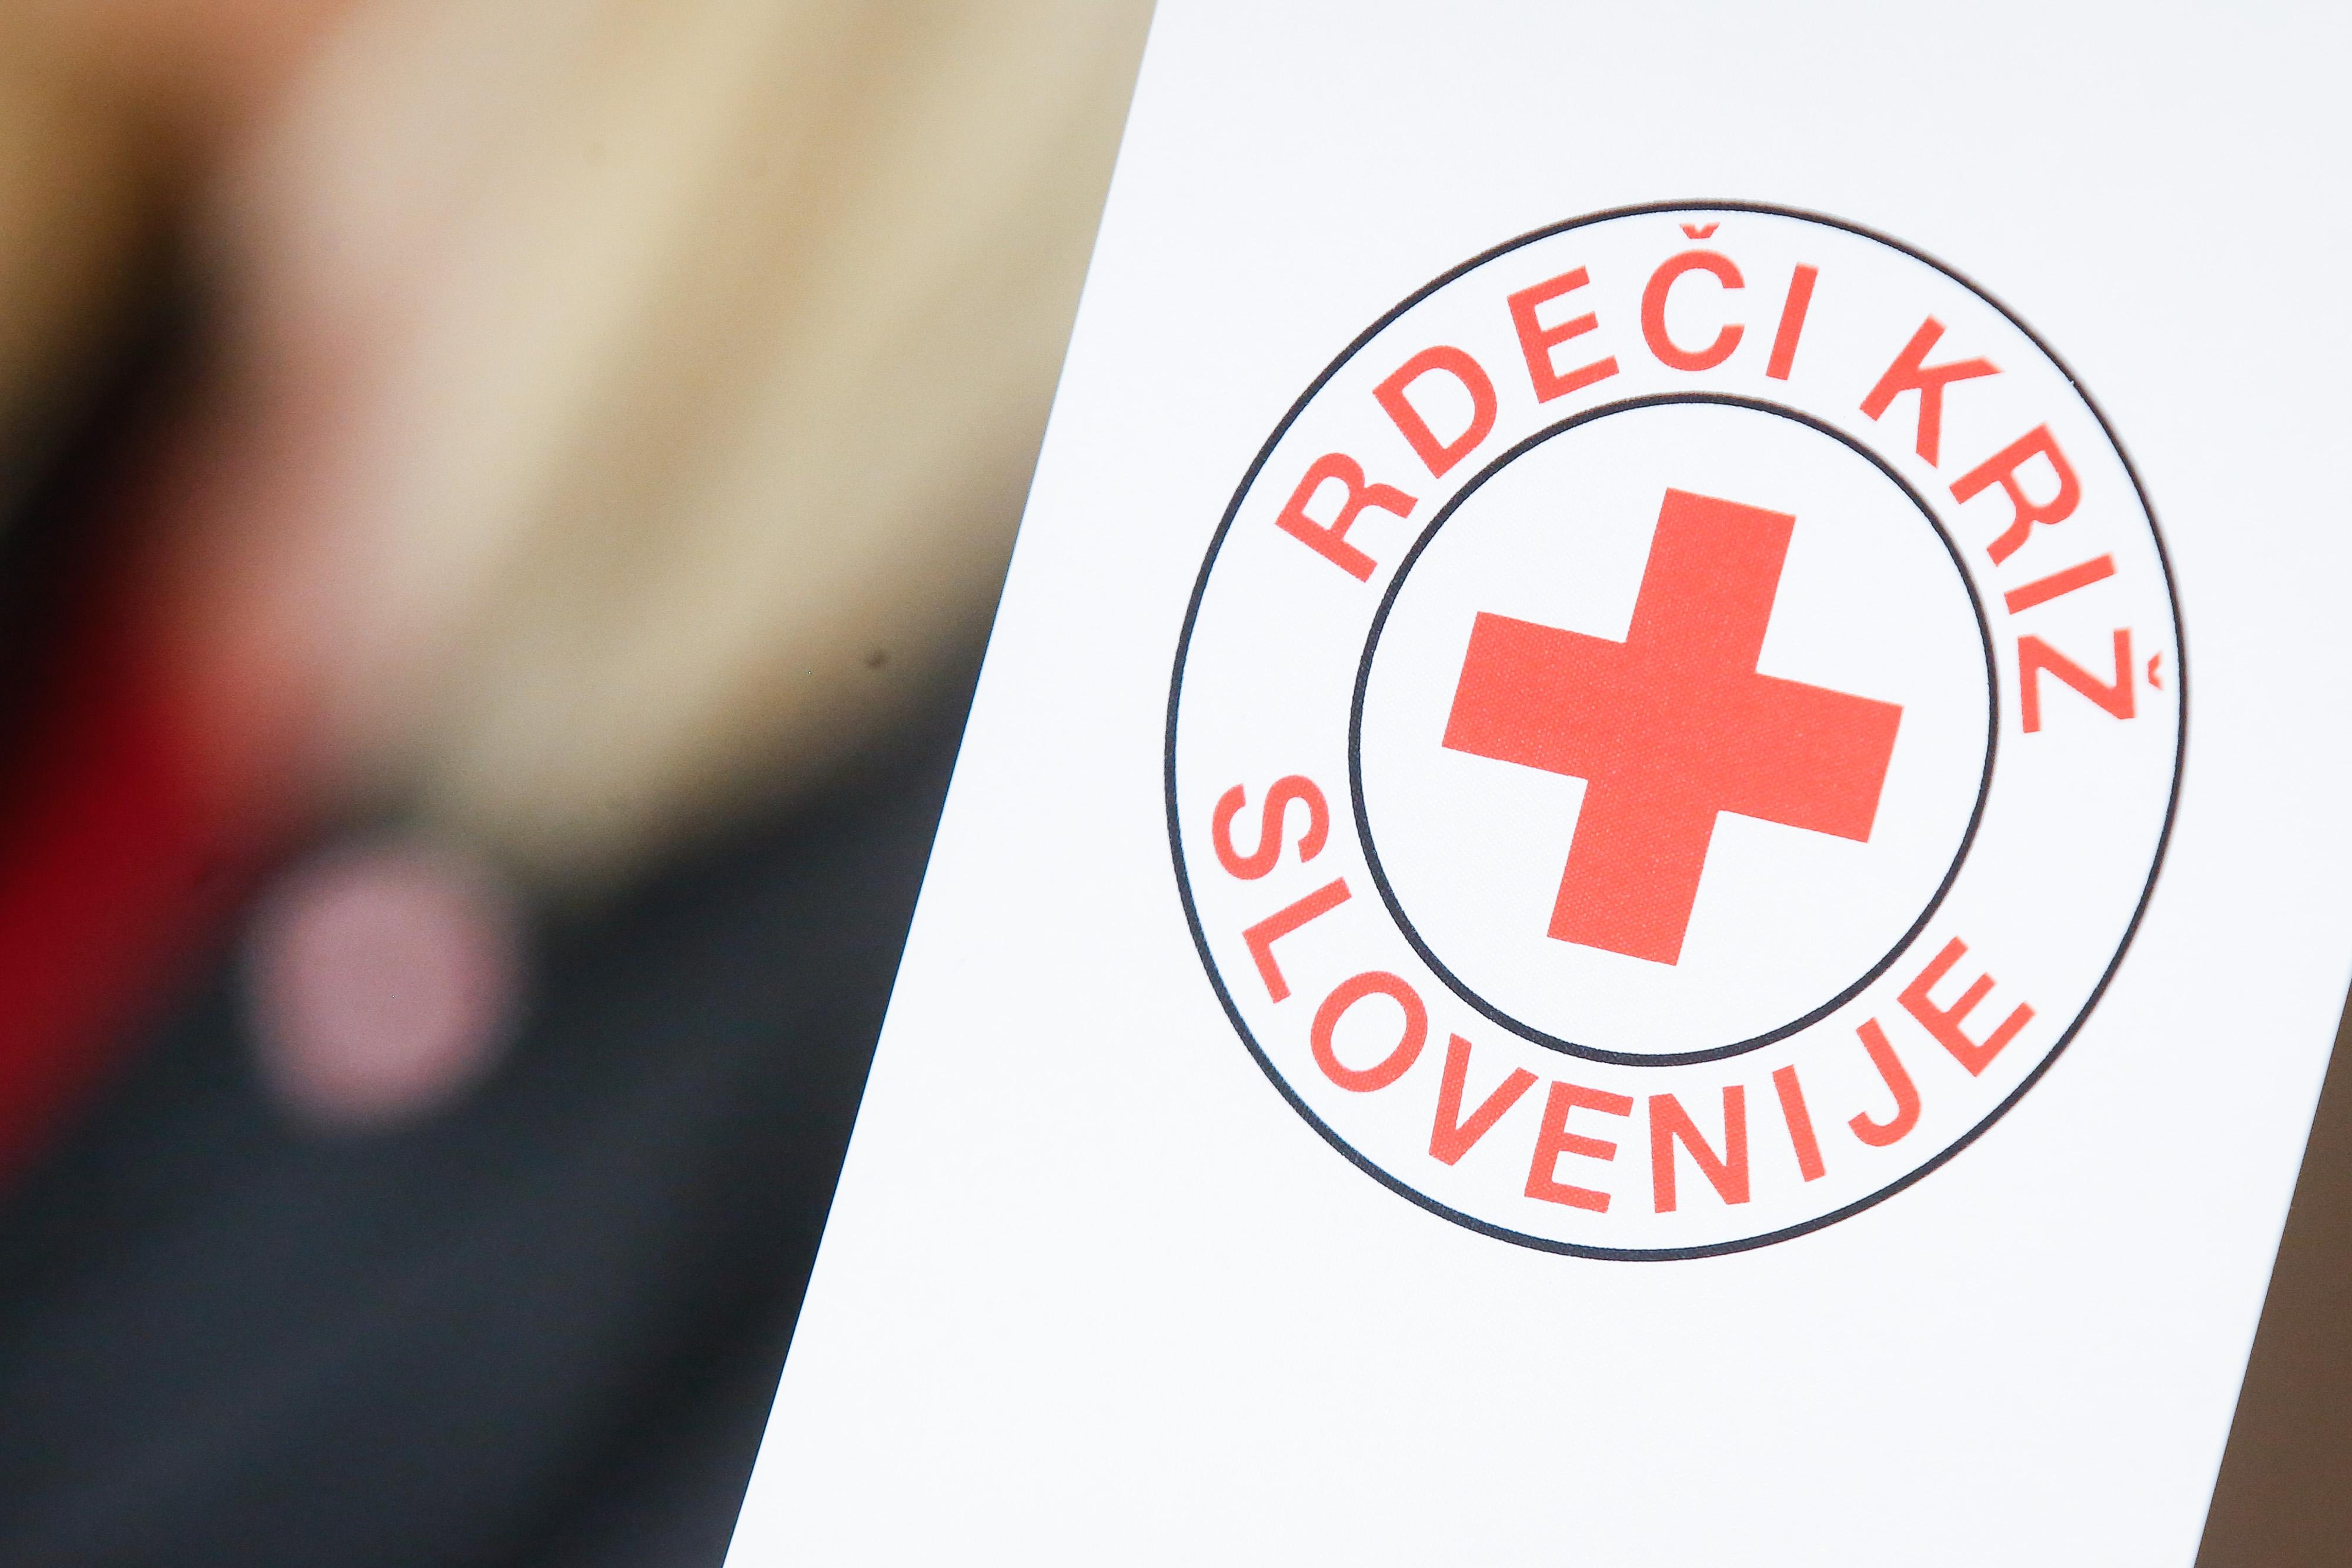 Rdeči križ Slovenije. (Foto: STA)